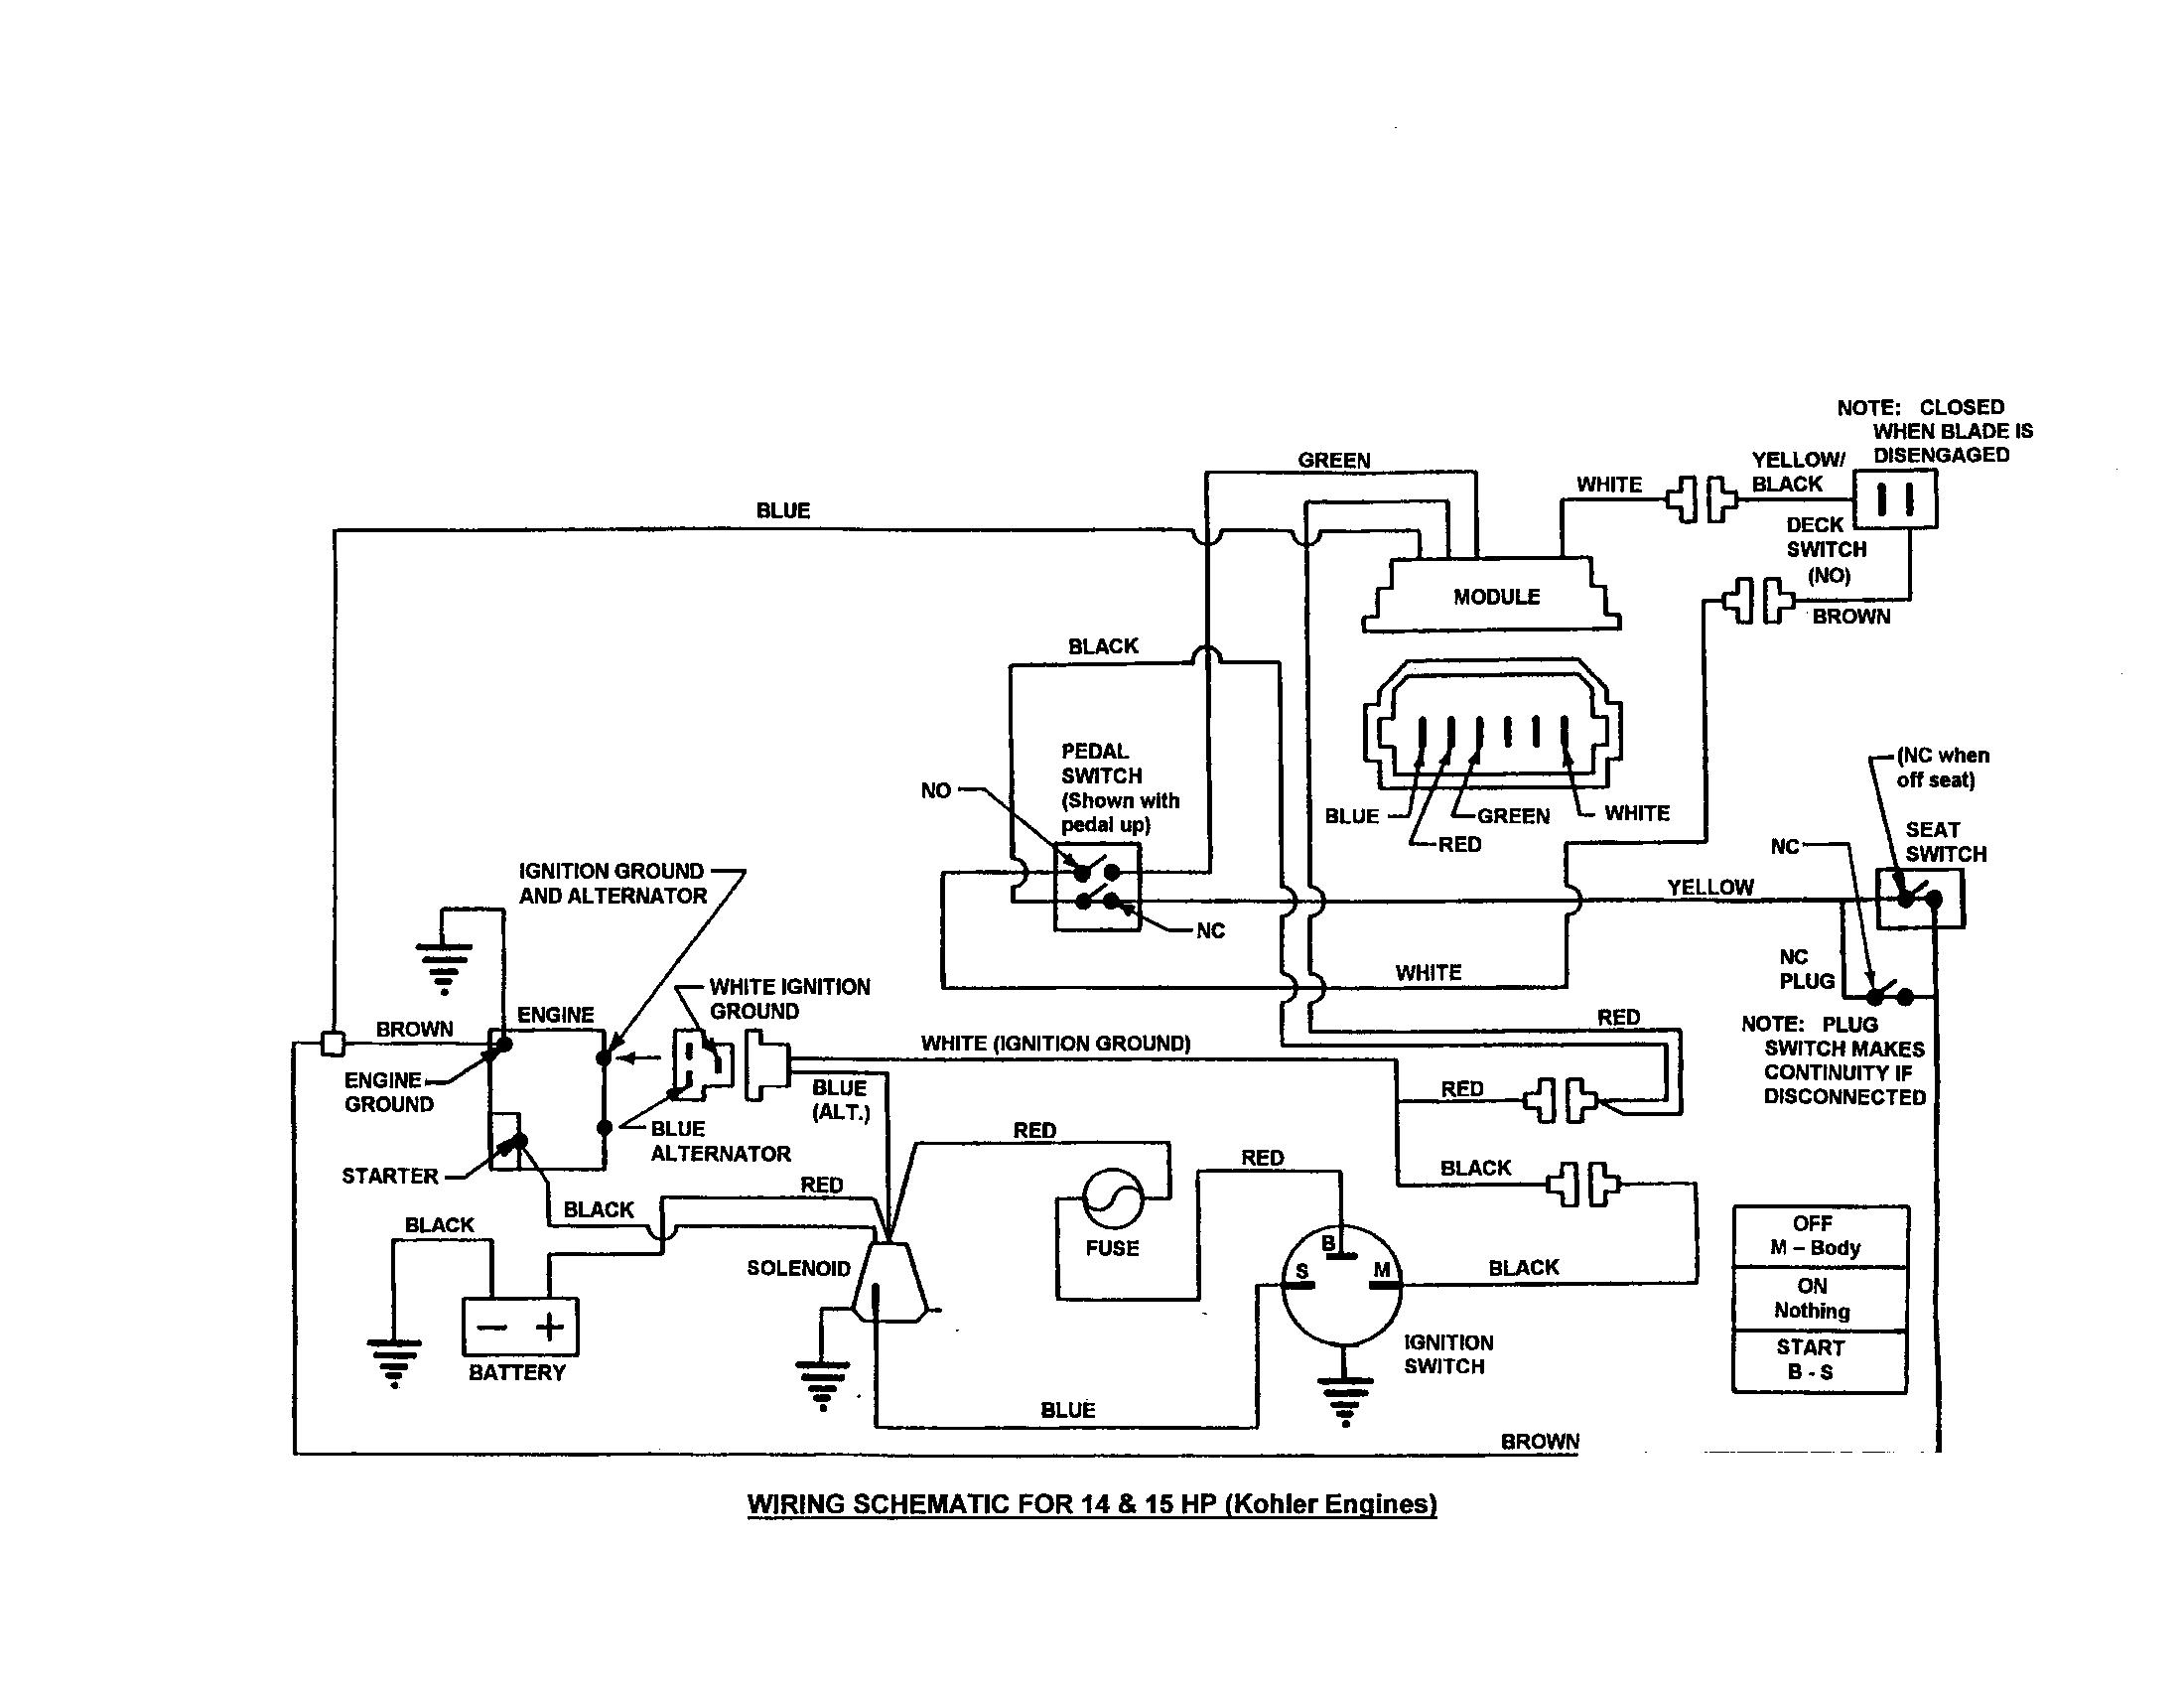 k241s kohler engine wiring diagrams for